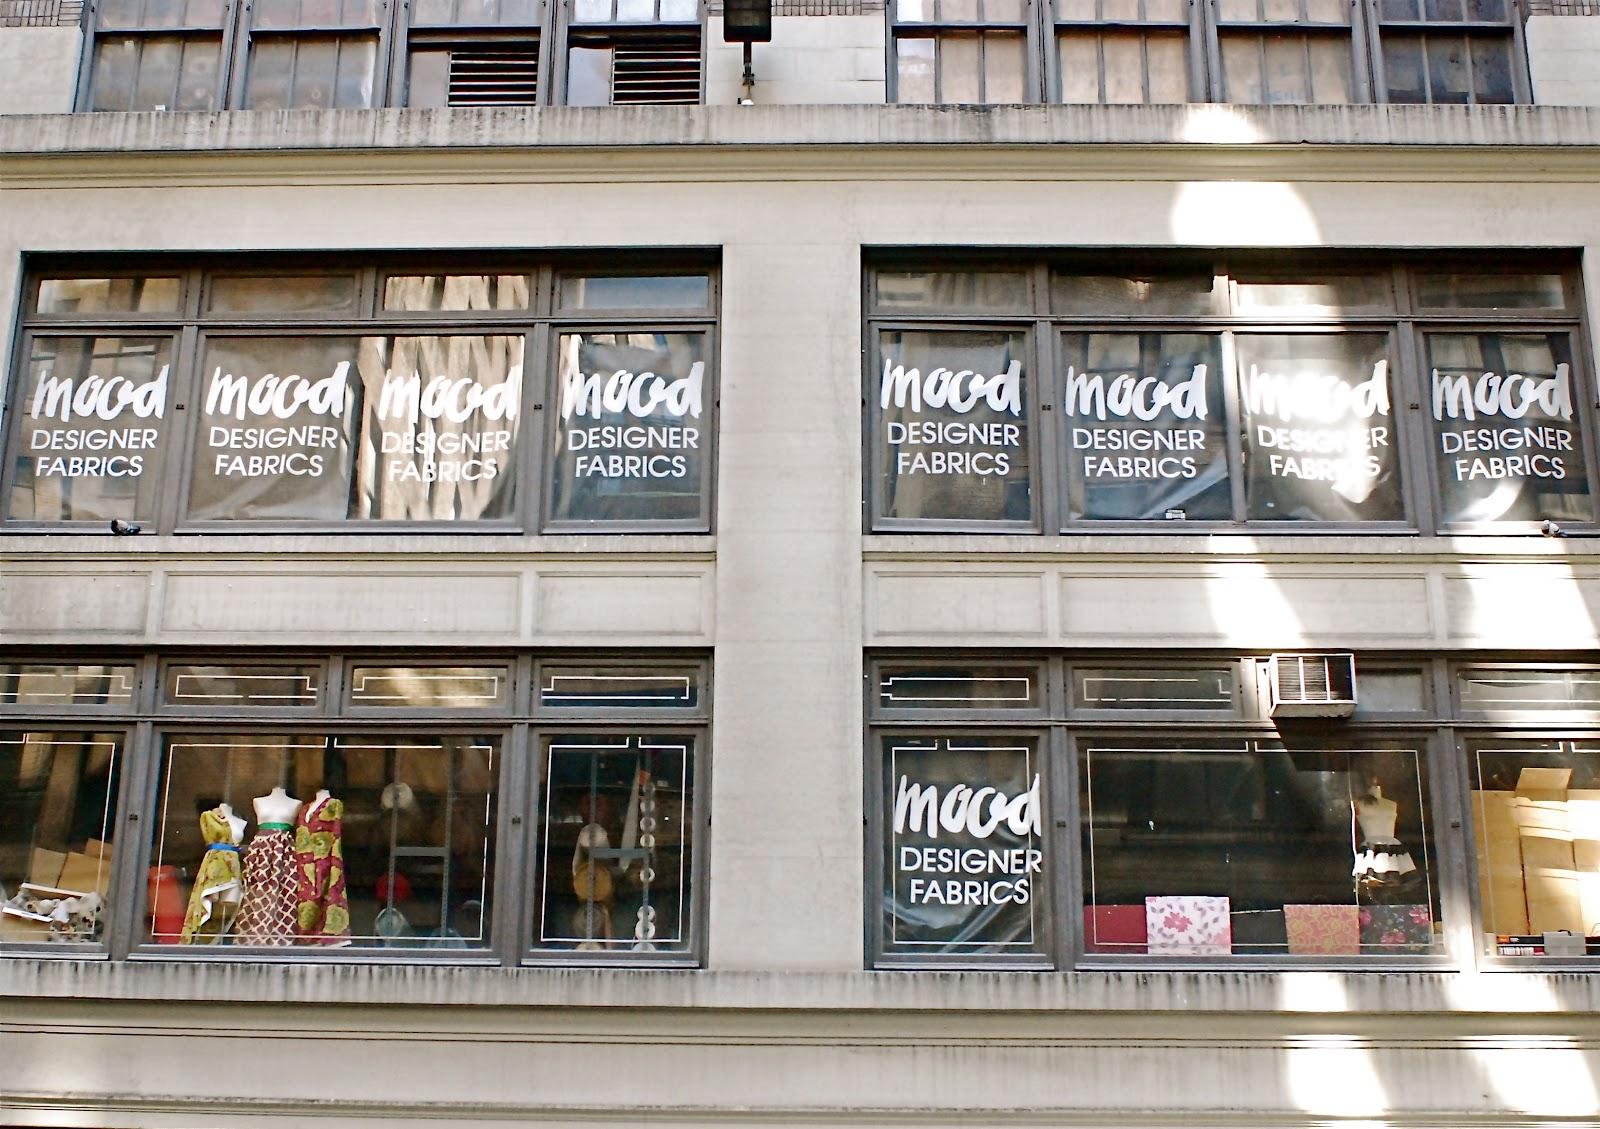 NYC ♥ NYC: Mood Designer Fabrics